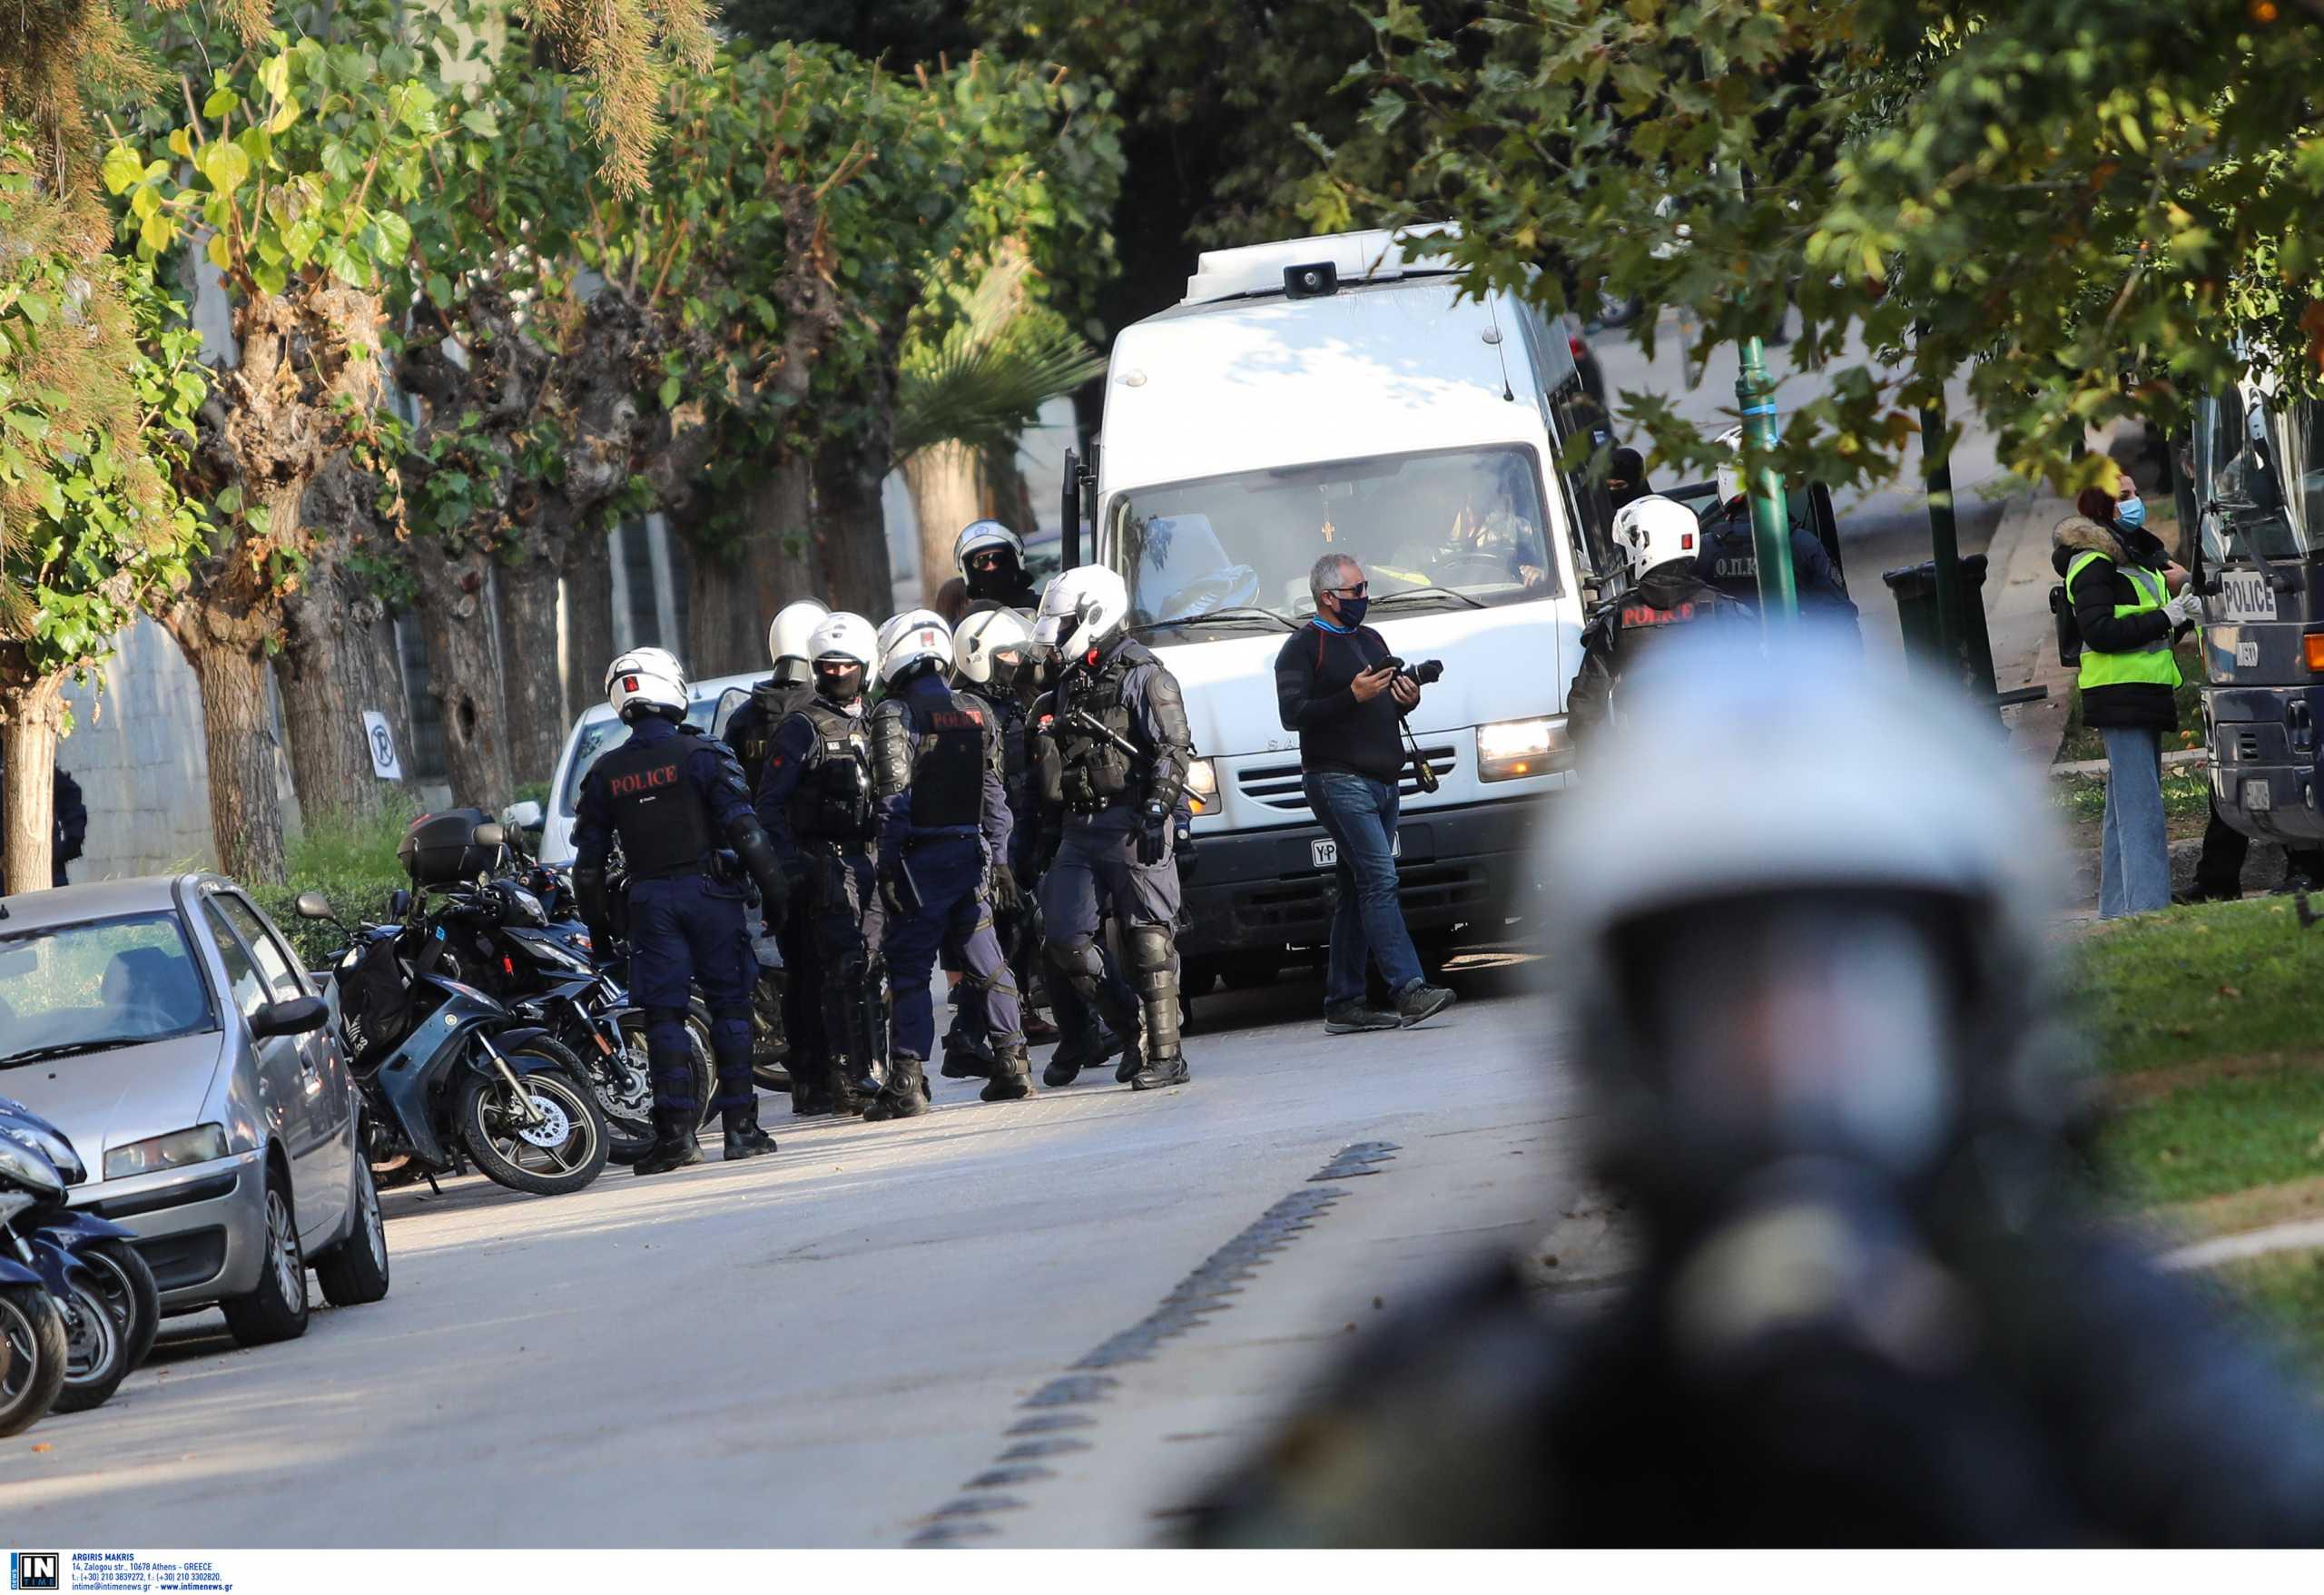 """Επέτειος Γρηγορόπουλου: """"Φρούριο"""" η Αθήνα – 4.000 αστυνομικοί στον δρόμο"""